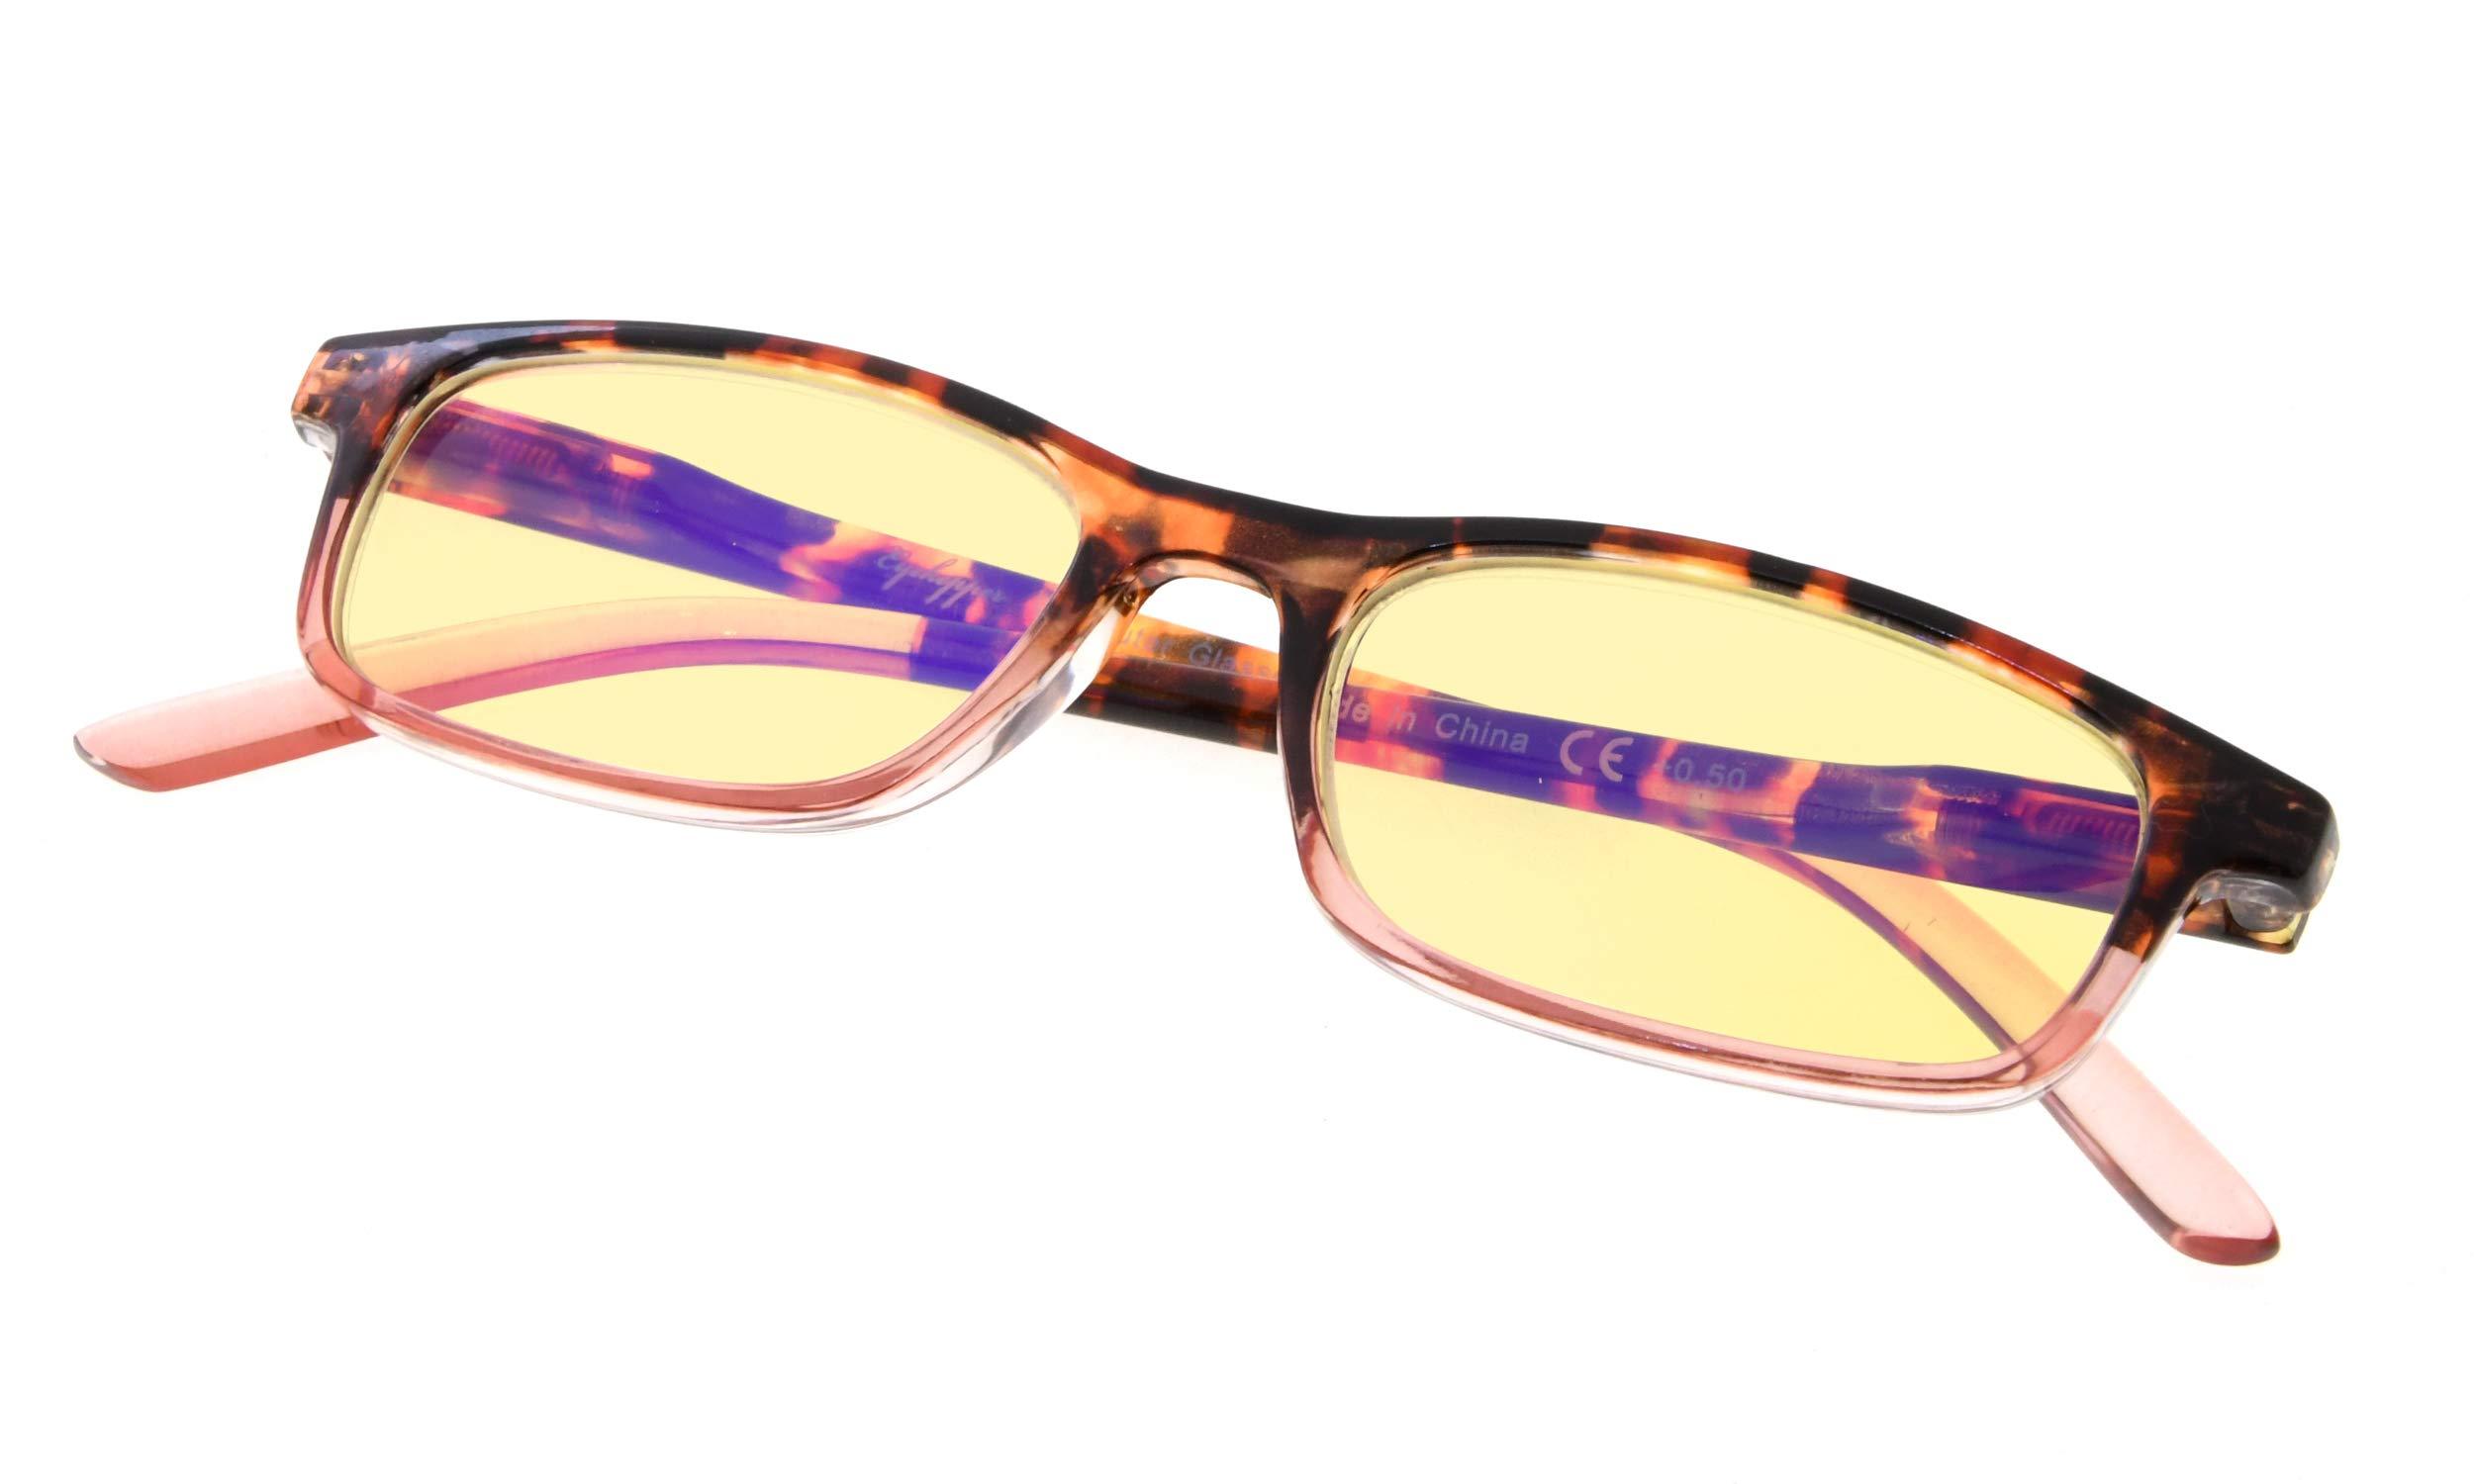 Blue Light Shield Computer Glasses for Women Yellow Tinted Lens Reading Glasses Eyeglasses, Blue Blocker